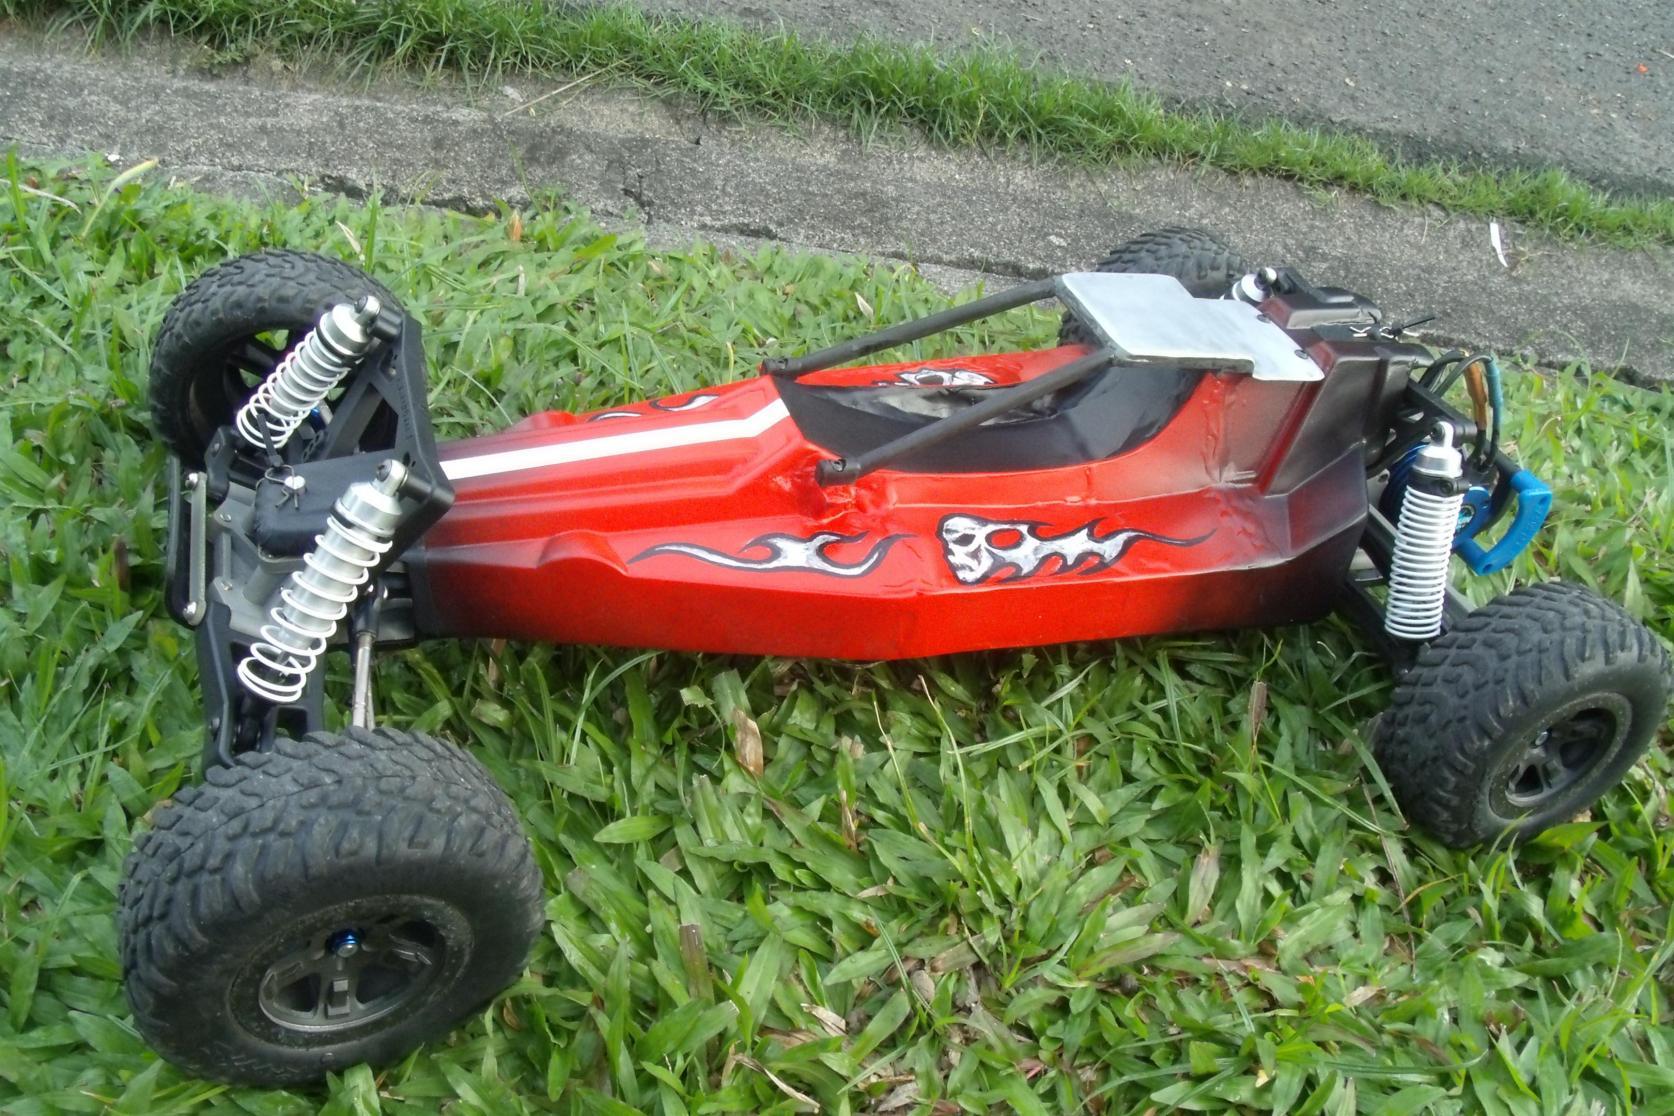 Traxxas Rustler 1 8 Buggy Build R C Tech Forums